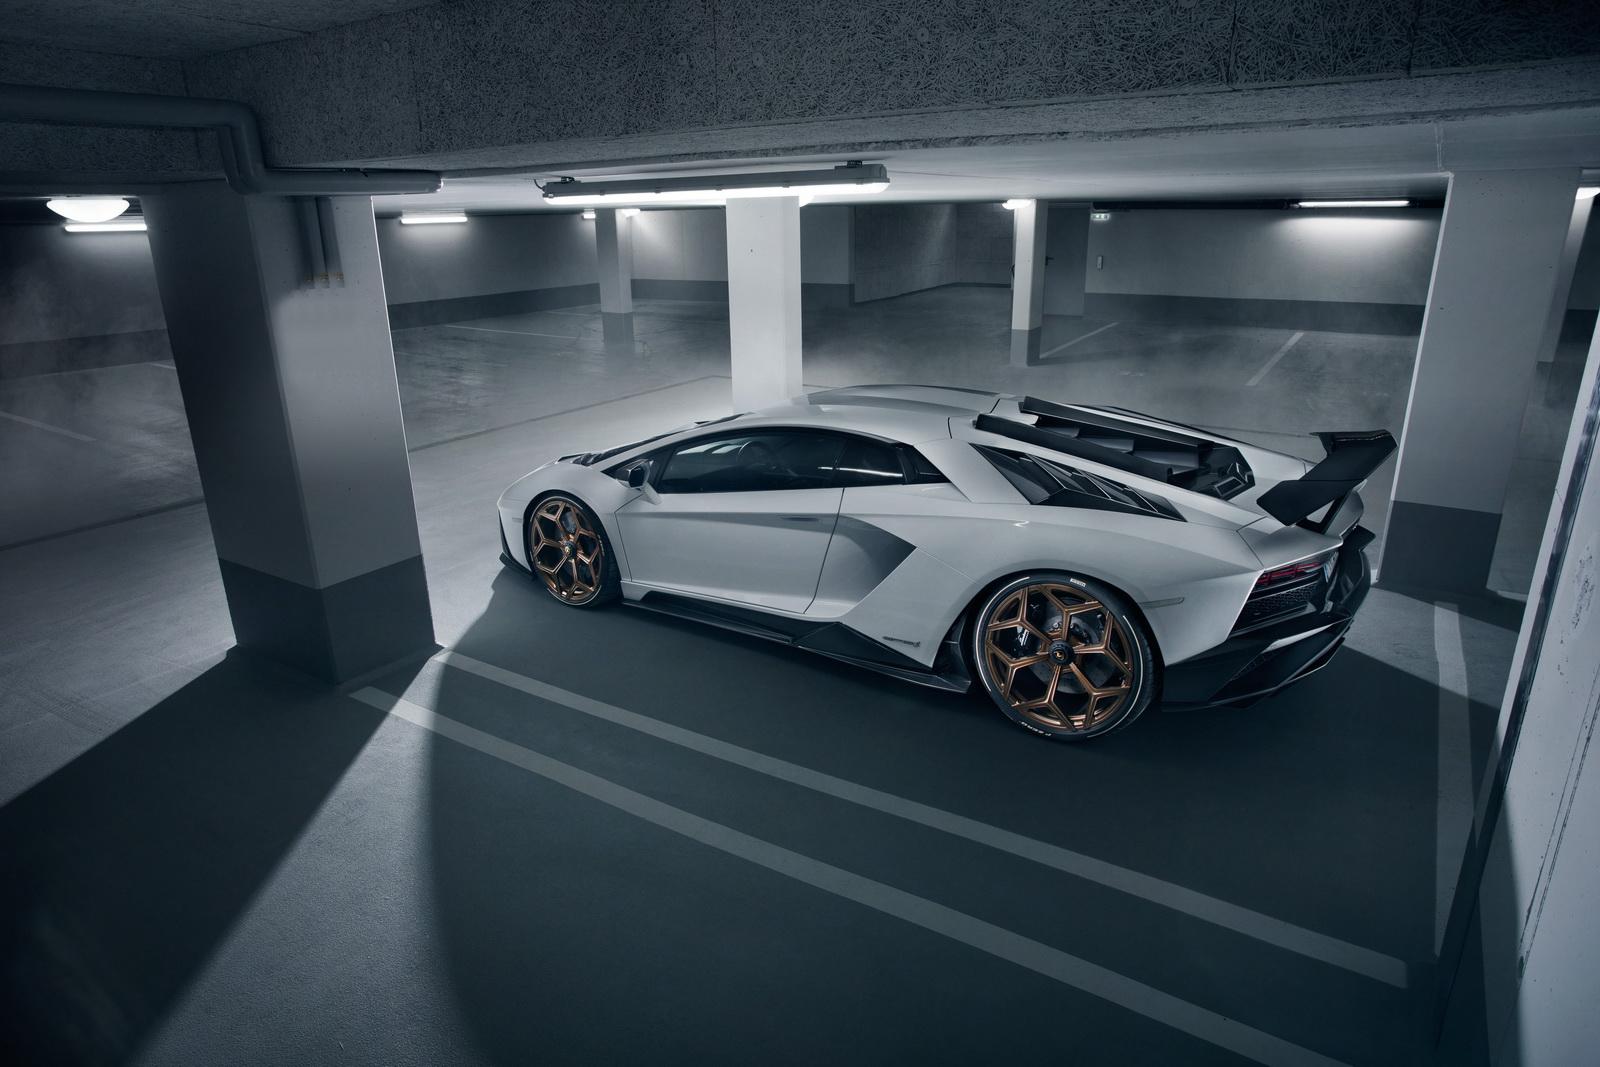 Lamborghini_Aventador_S_by_Novitec_0010